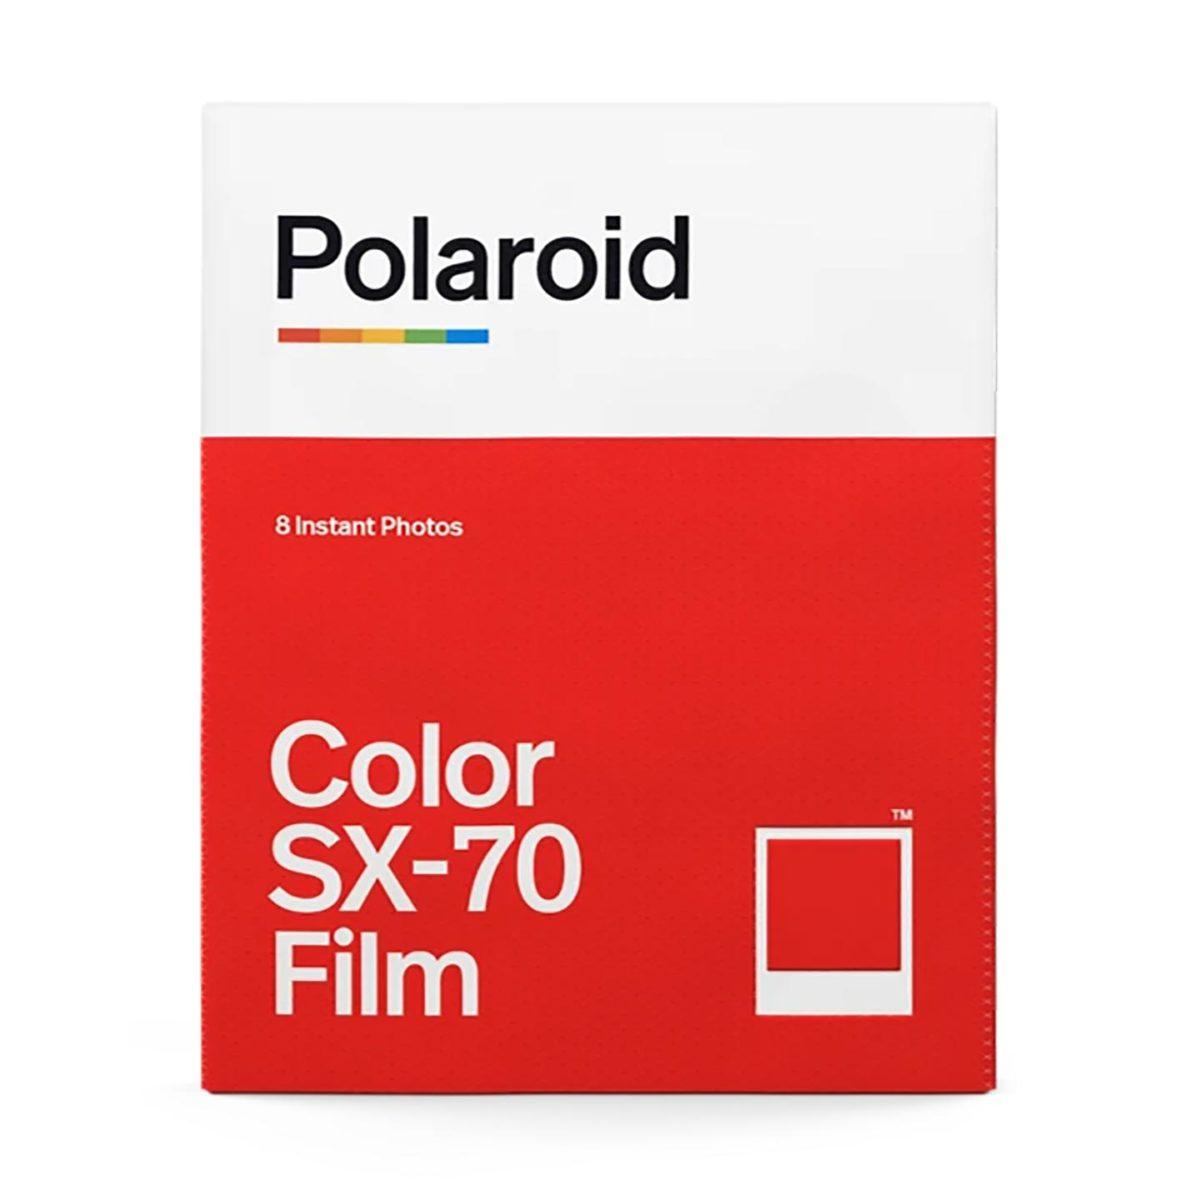 polaroid_sx70_color_film_02